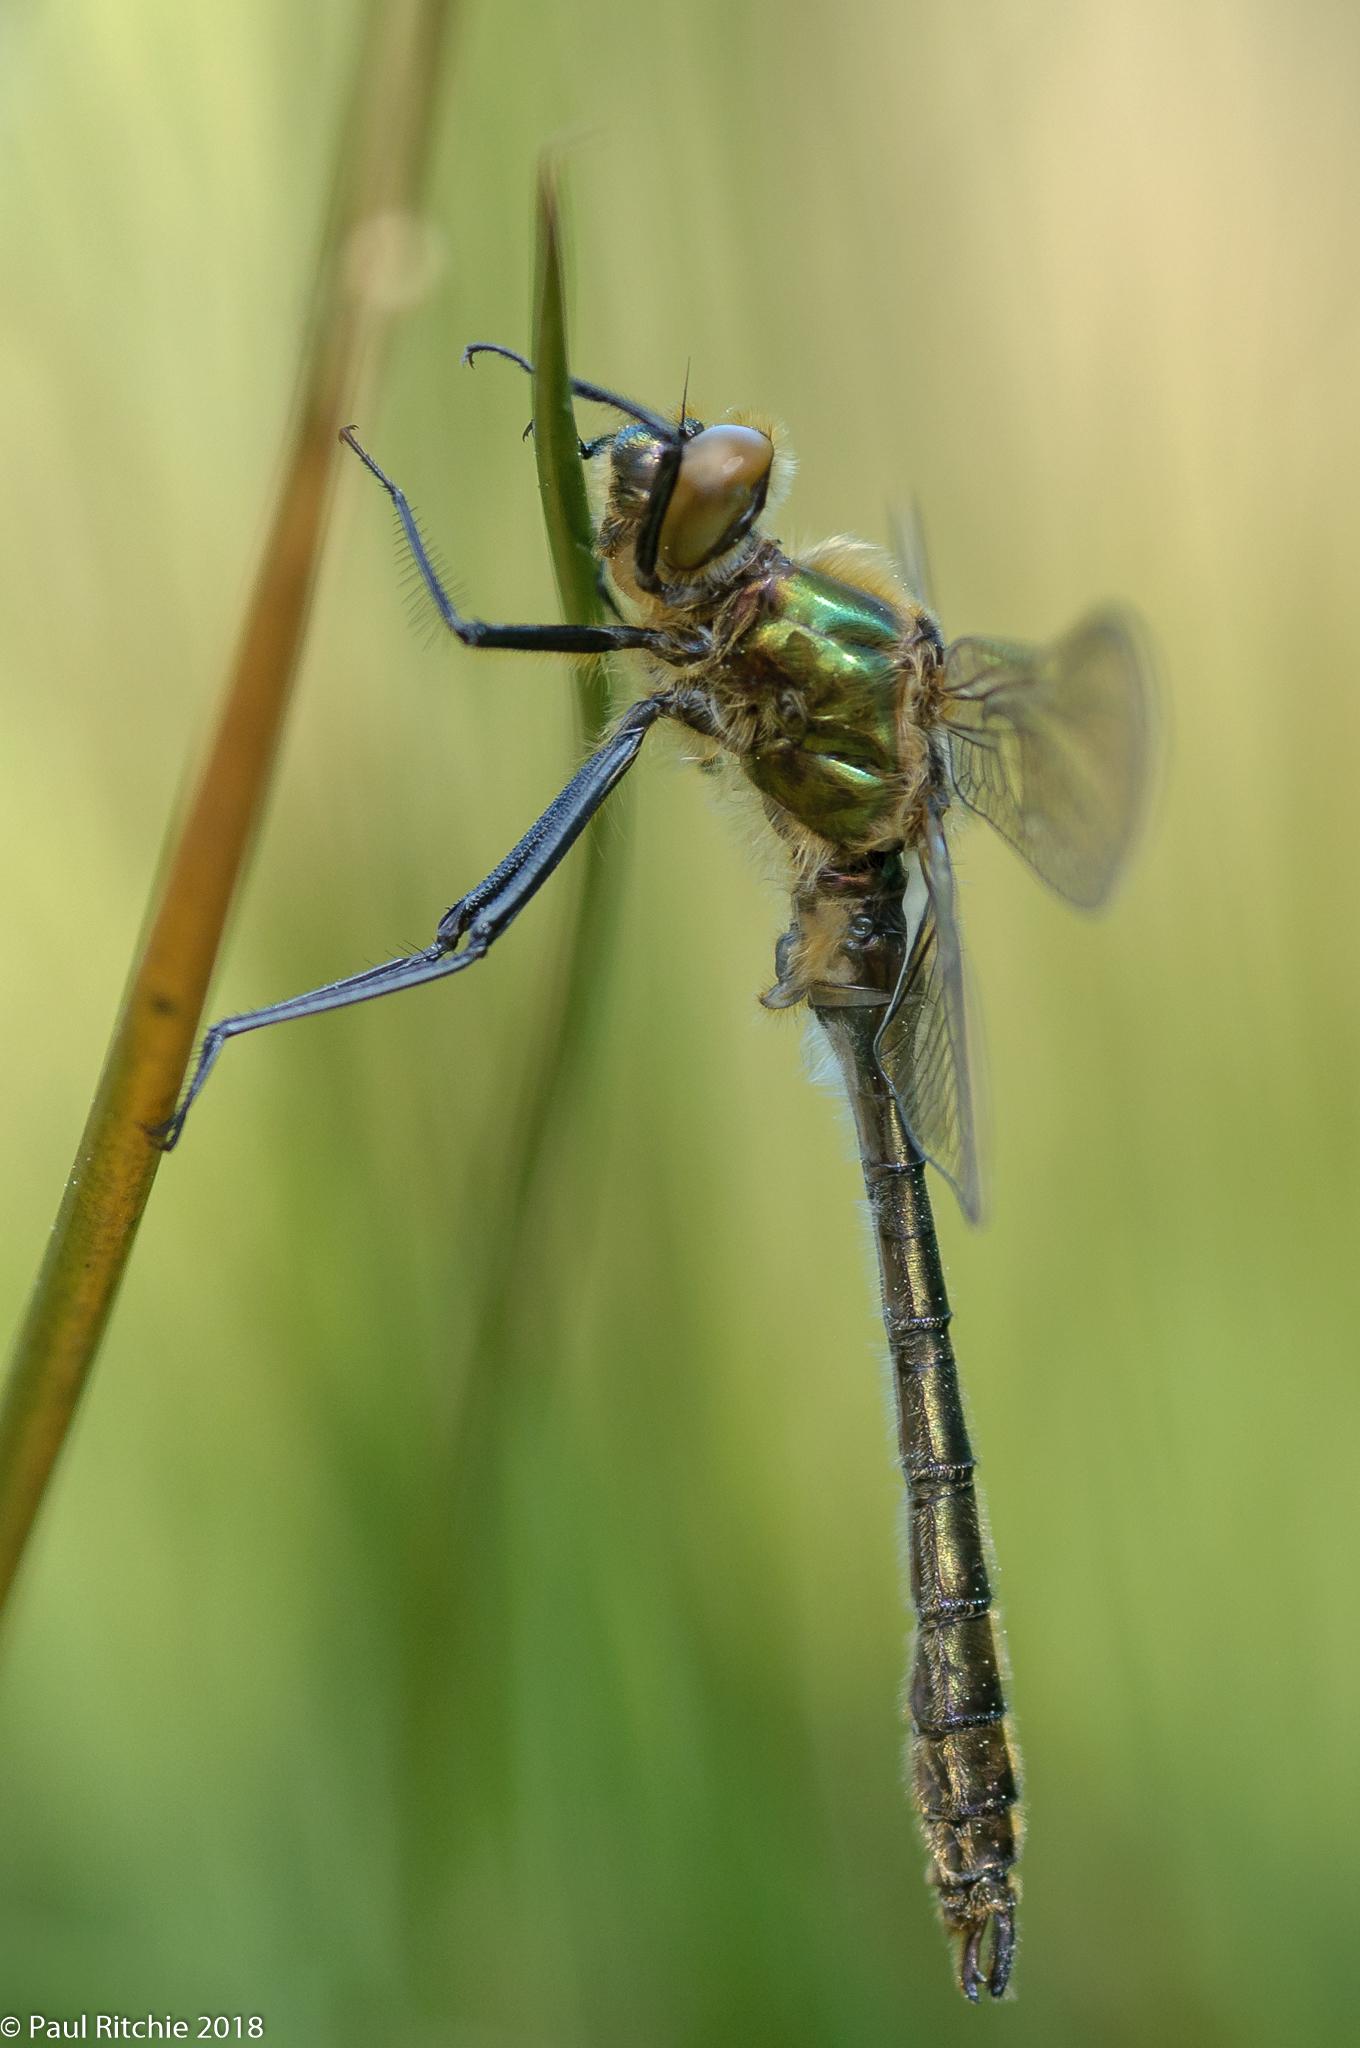 Downy Emerald (Cordulia aenea) - teneral male